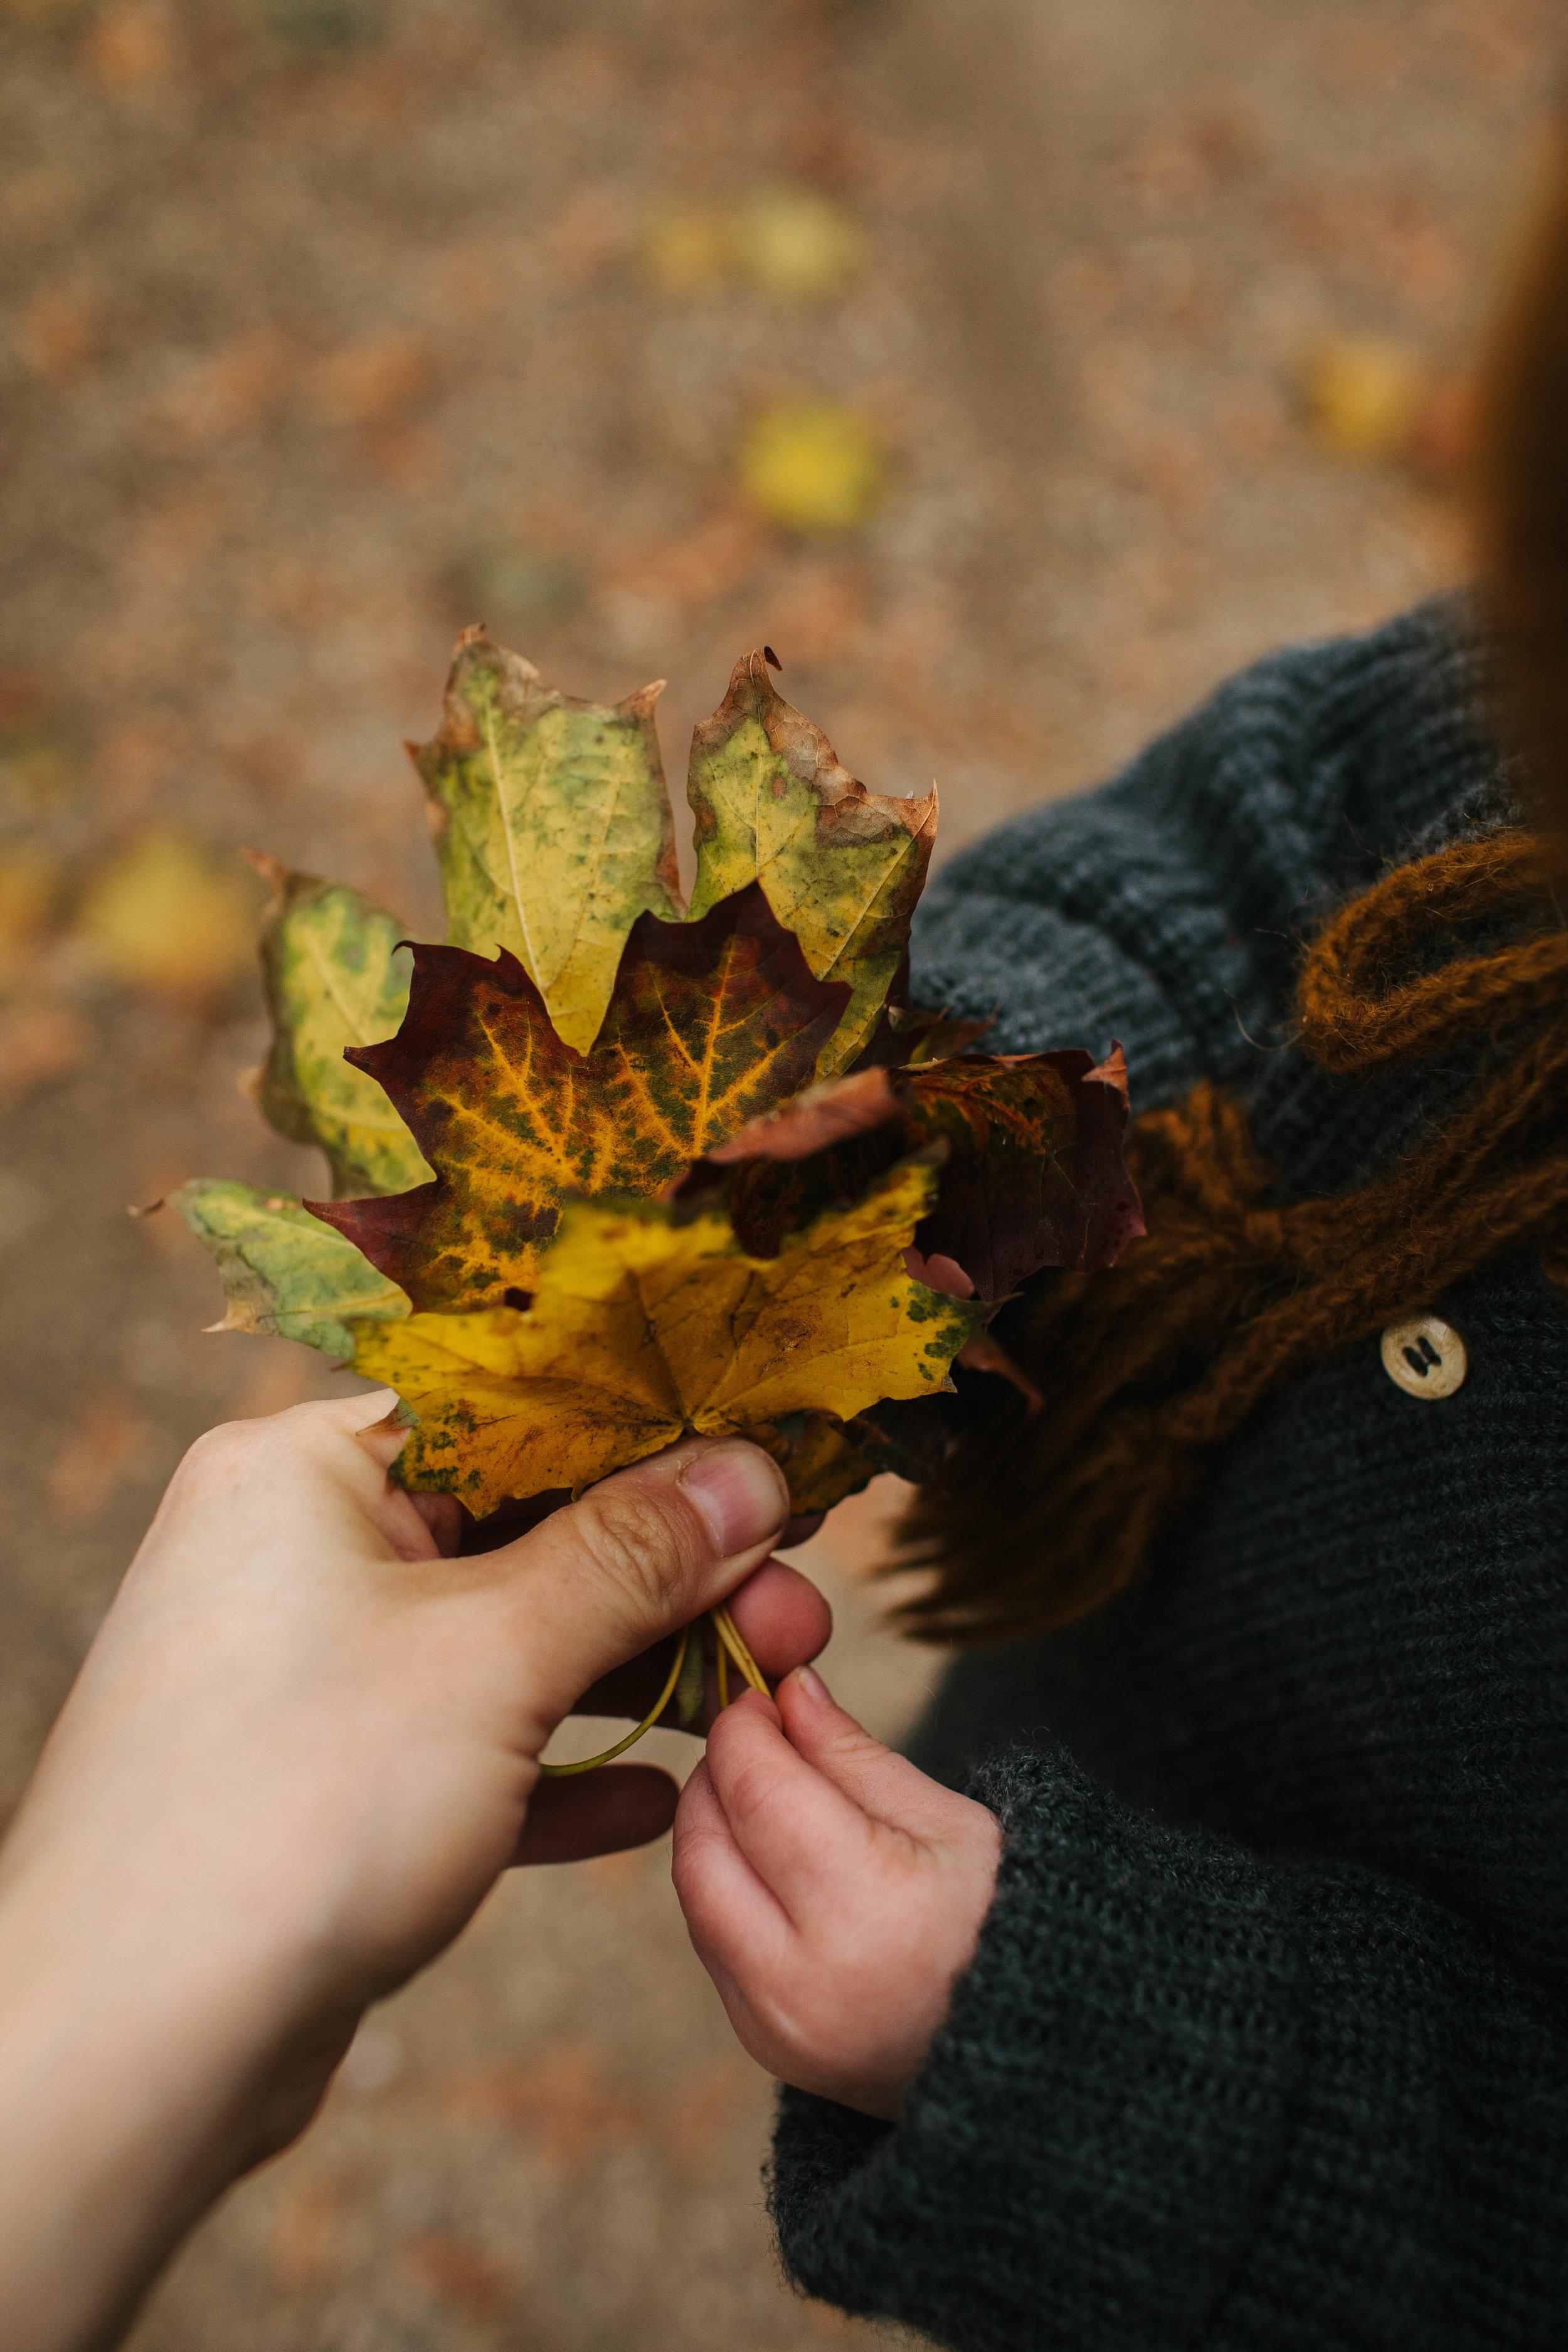 vauxhall_city_farm_autumn-1.jpg